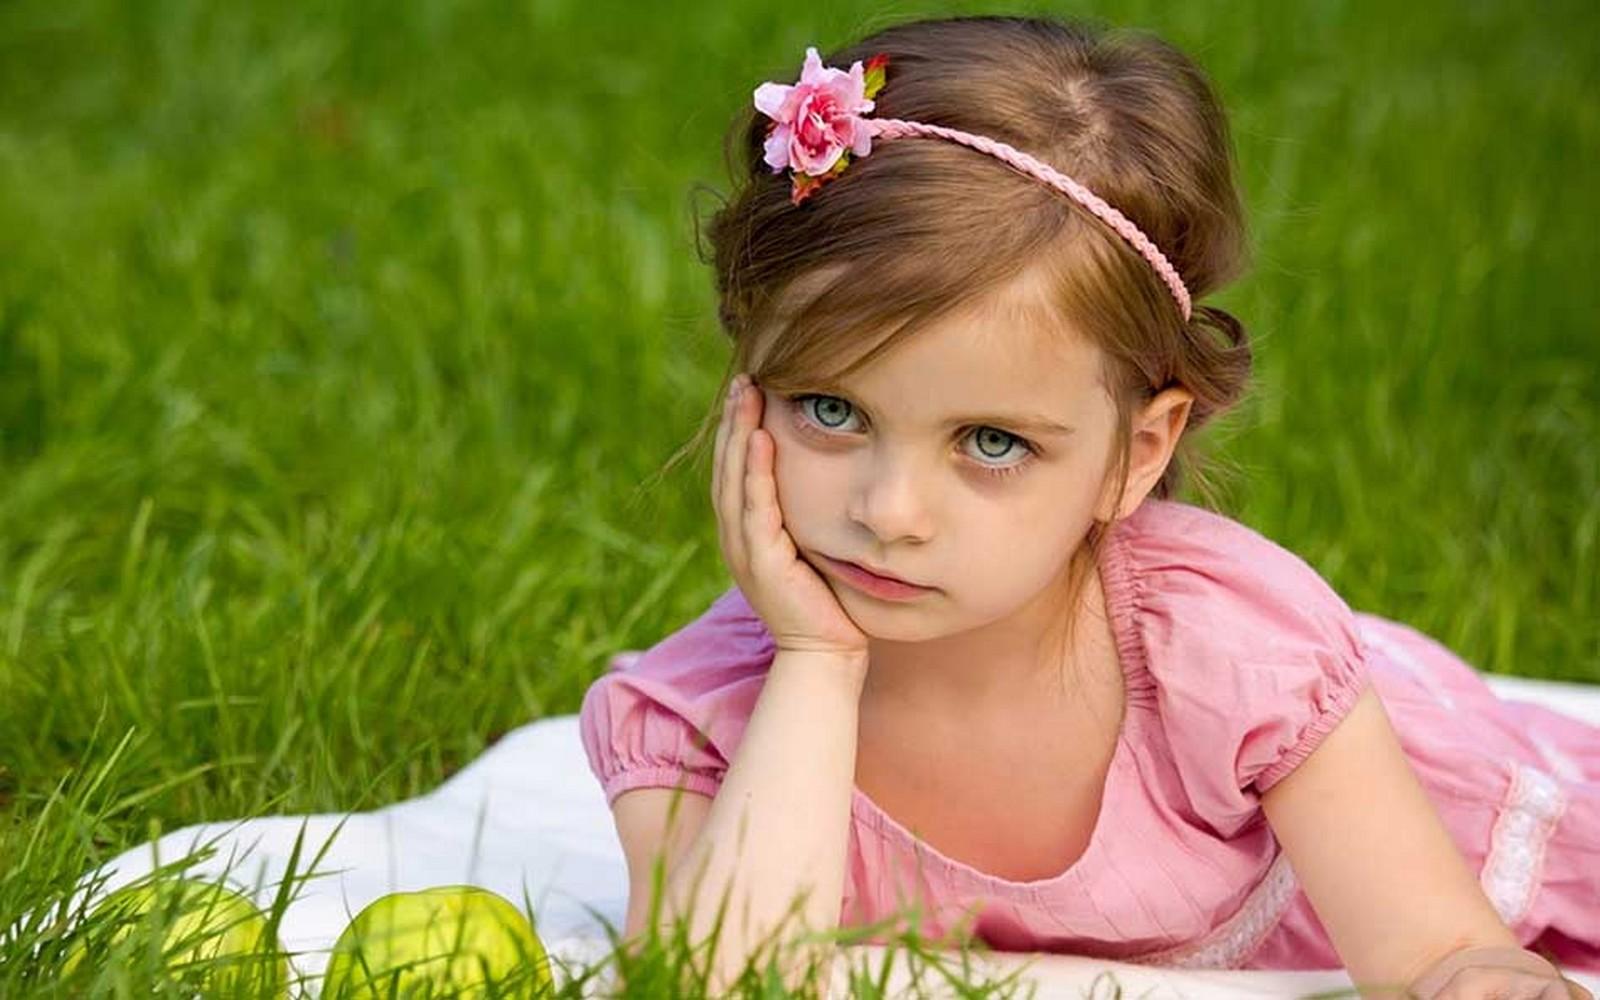 بالصور اجمل الصور للاطفال البنات , اروع صور البنات الصغار 3734 10